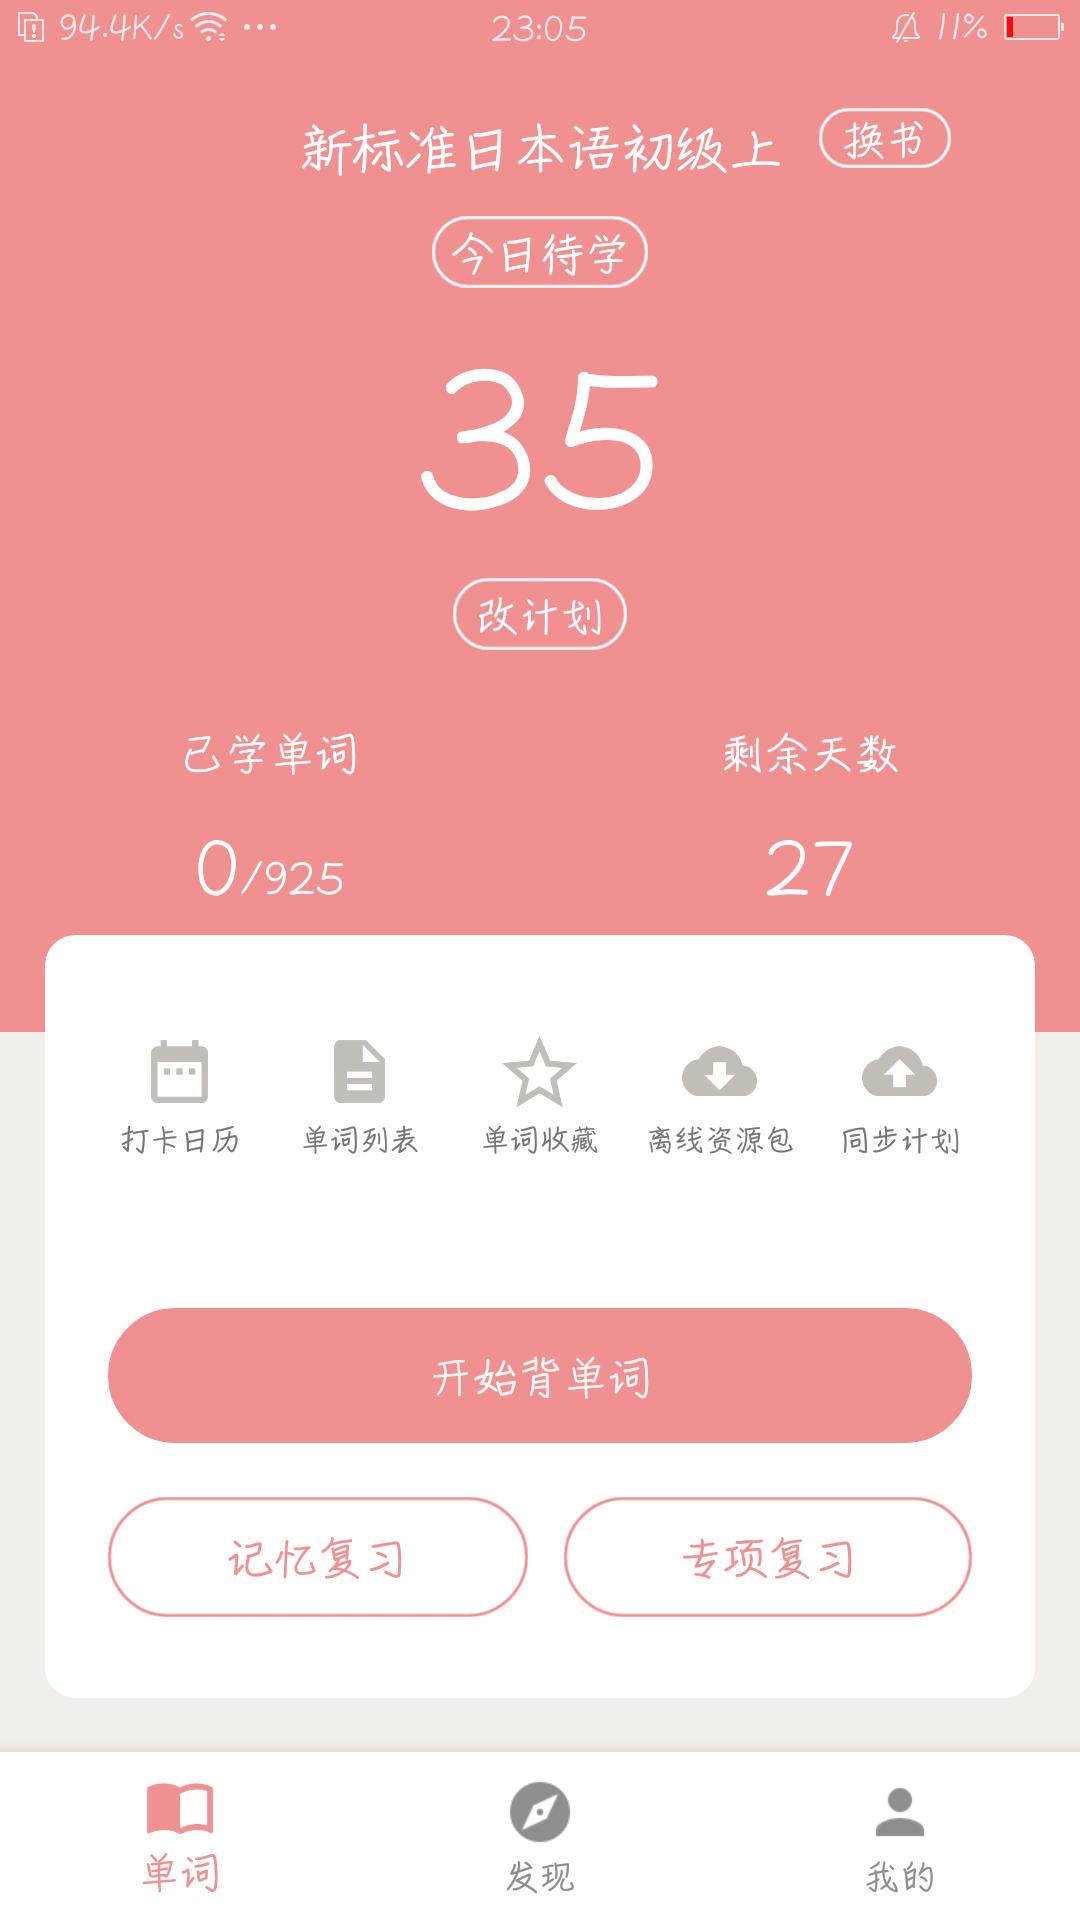 【分享】卡卡日语